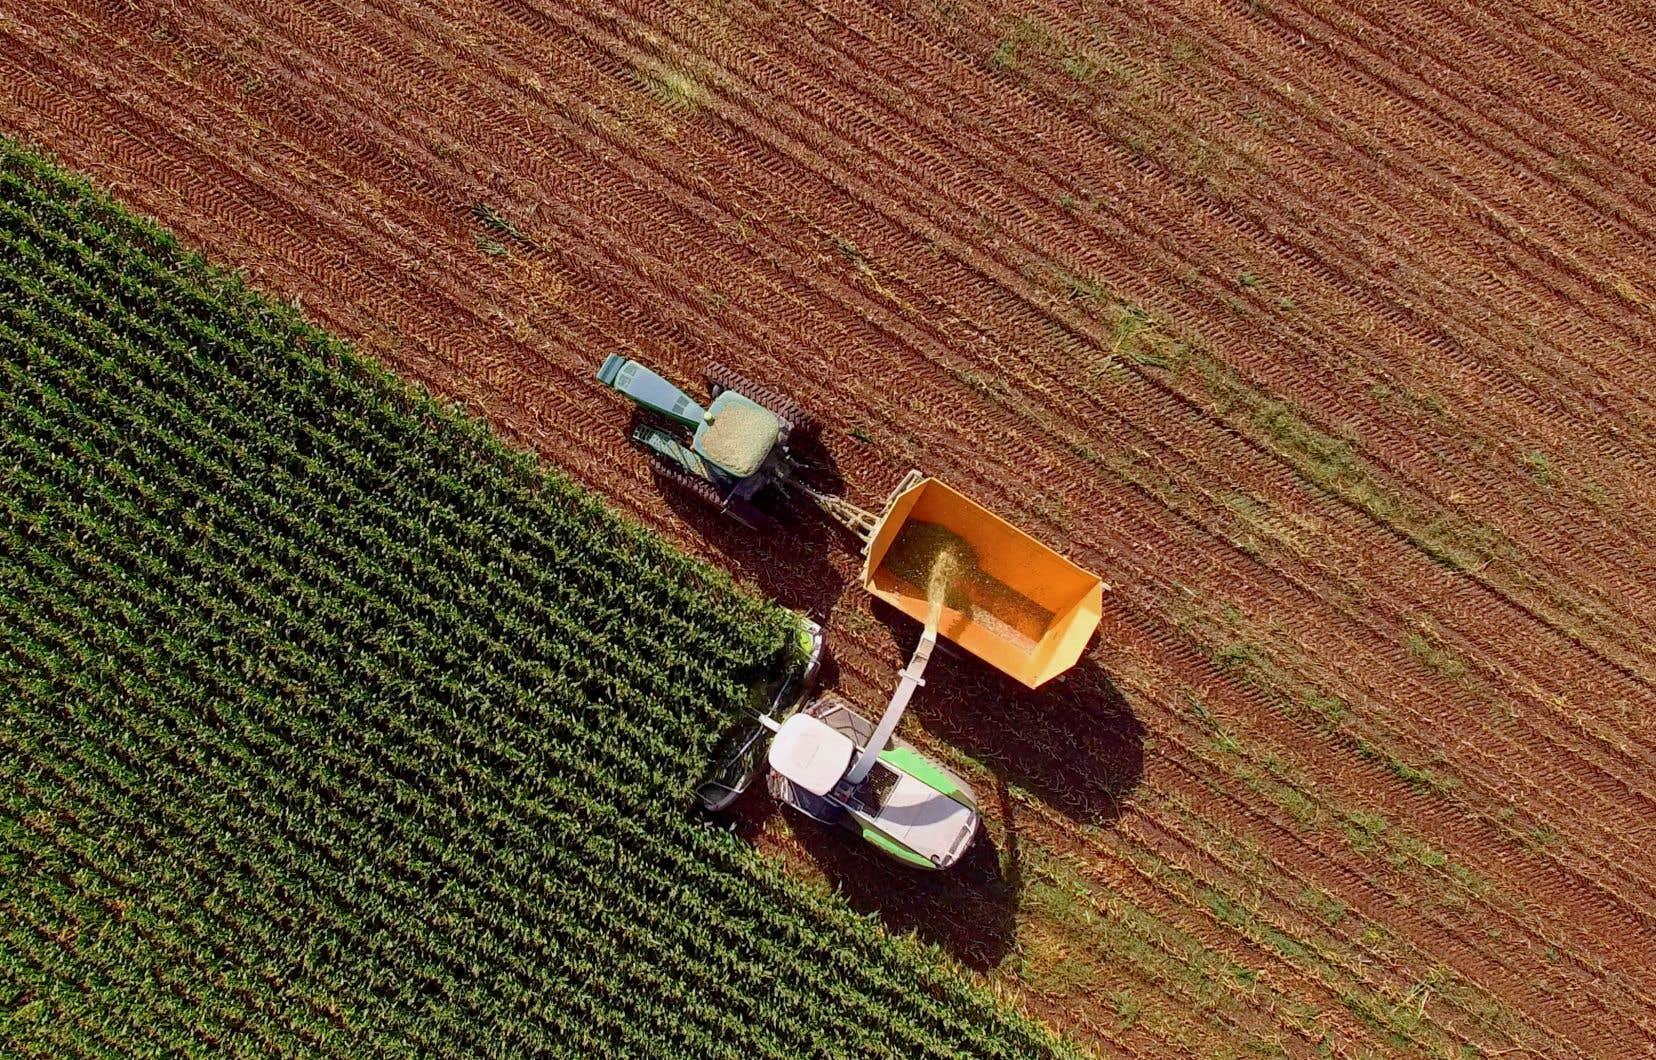 L'utilisation de pesticides agricoles atteint des niveaux records au Québec. Rappelons que ces produits sont conçus pour être toxiques et ils sont épandus dans l'environnement de façon volontaire, soulignent les auteurs.